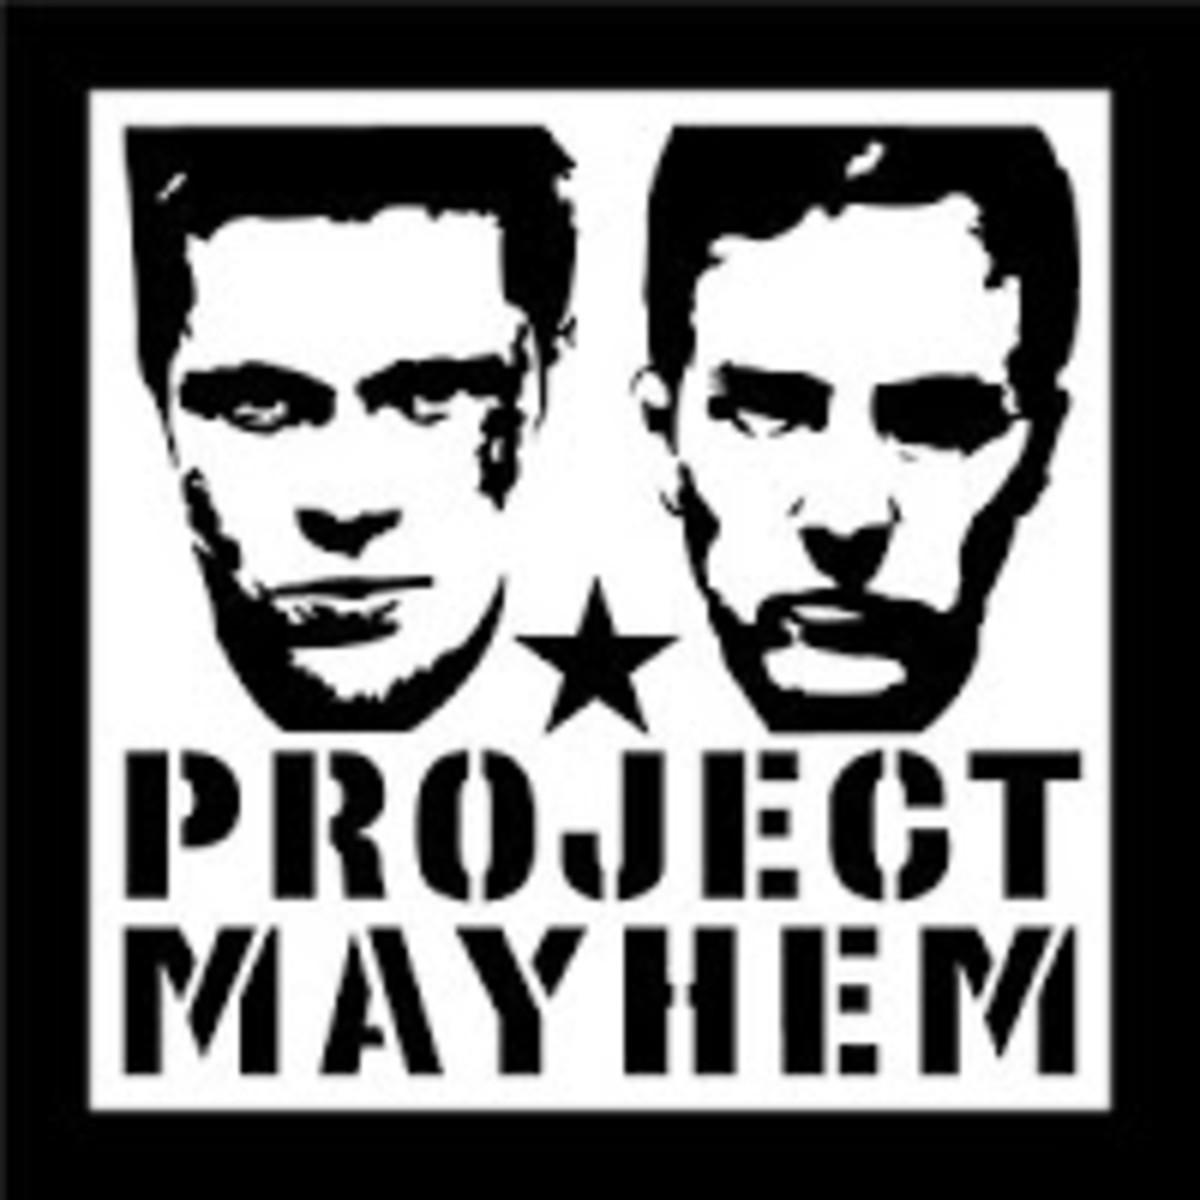 /project-mayhem.jpeg